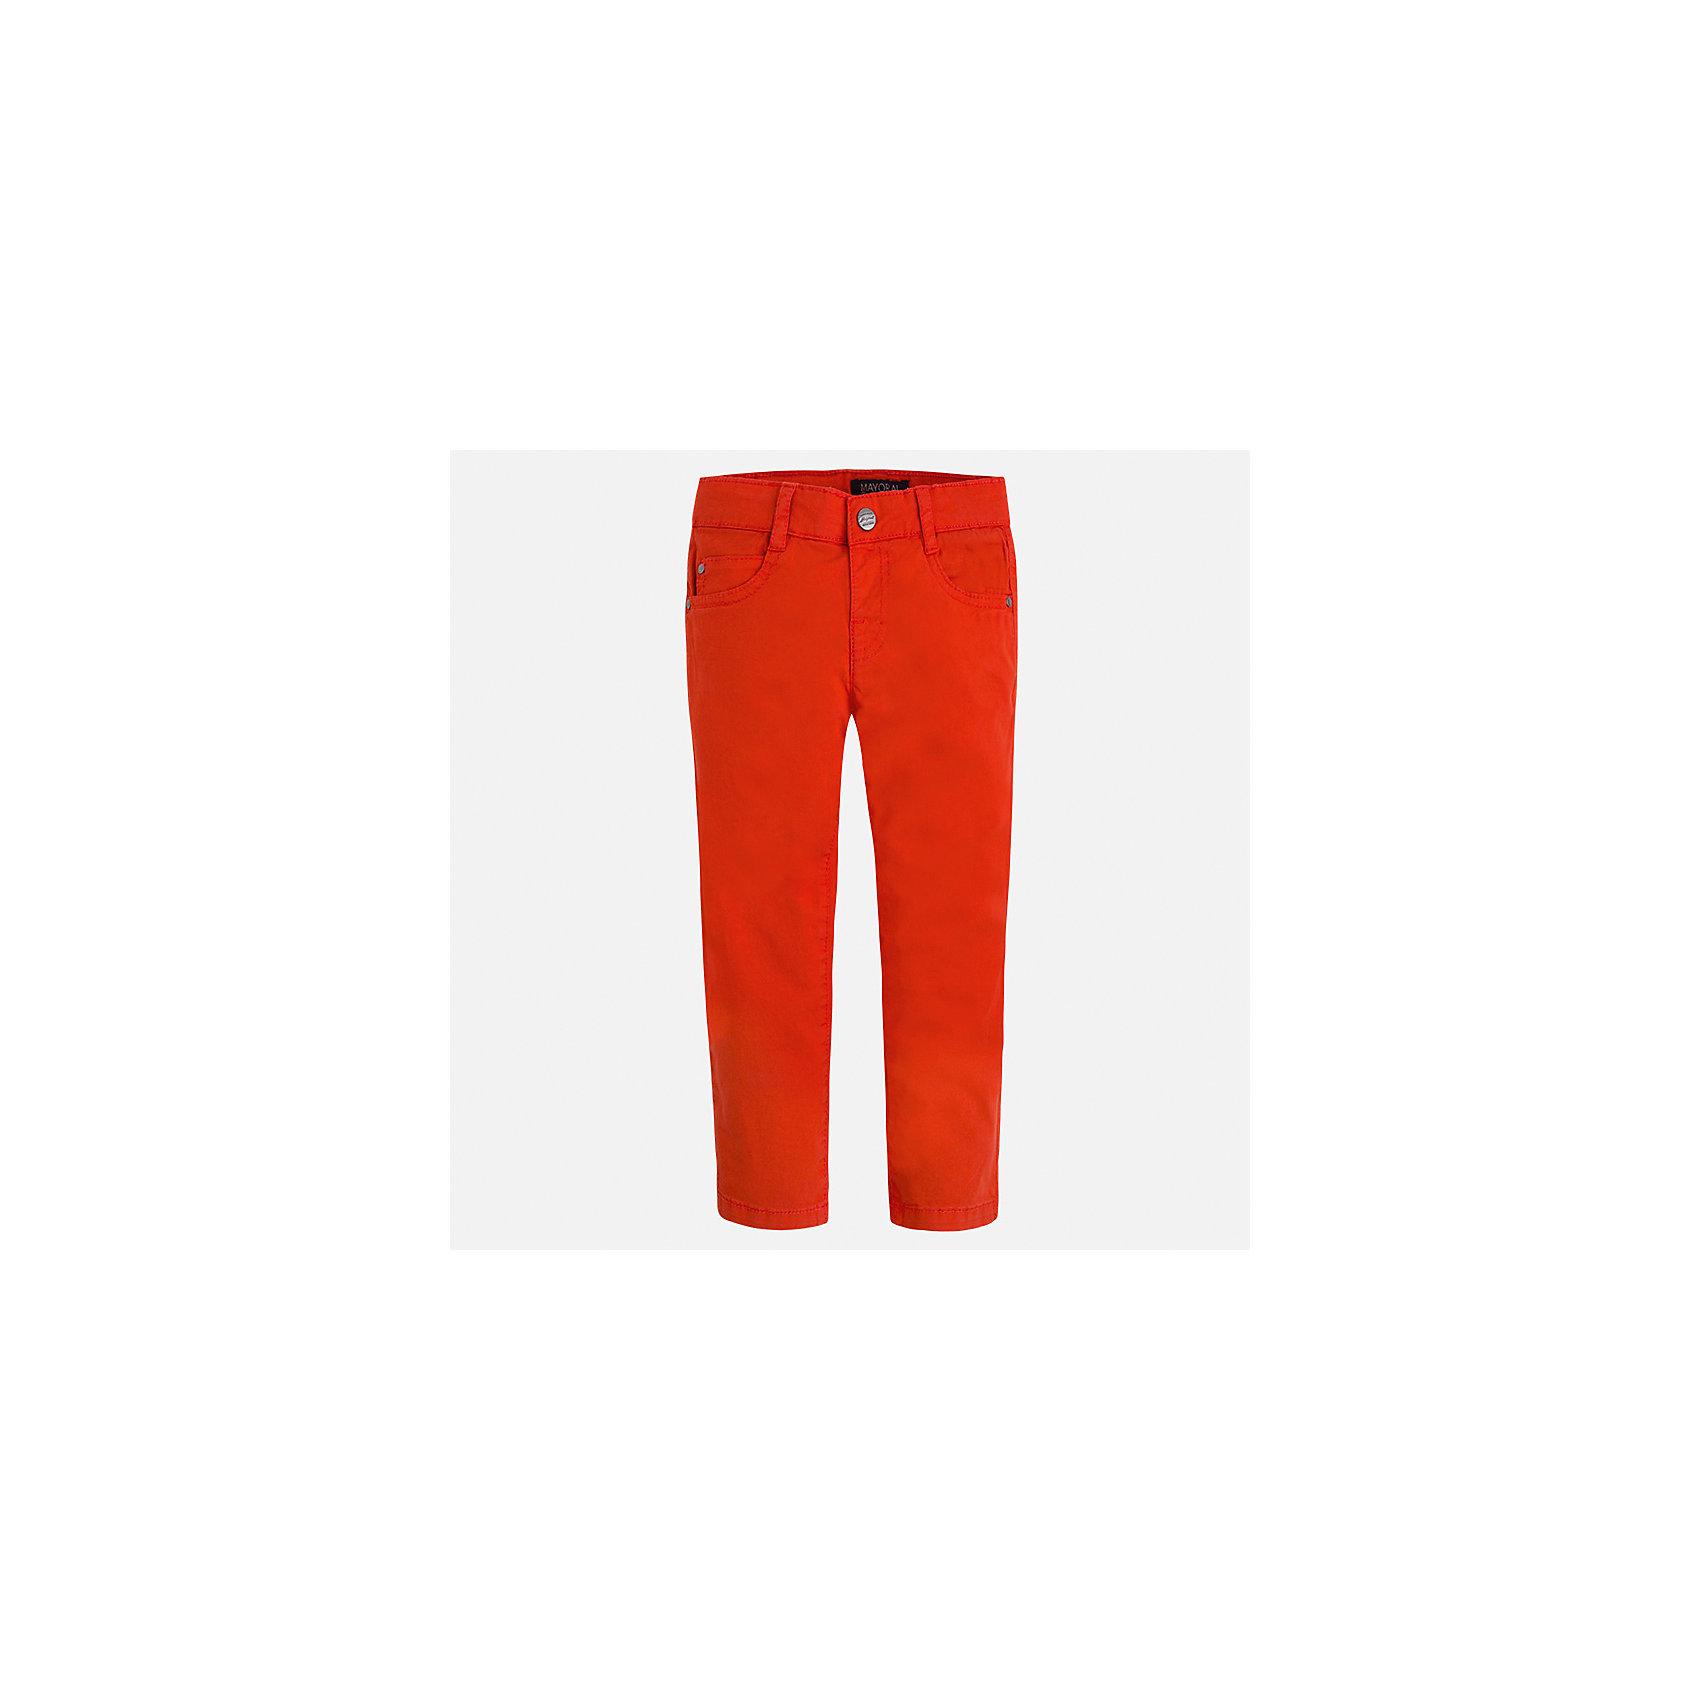 Брюки для мальчика MayoralБрюки<br>Характеристики товара:<br><br>• цвет: красный<br>• состав: 98% хлопок, 2% эластан<br>• застежка: кнопка<br>• шлевки<br>• карманы<br>• пояс с регулировкой размера<br>• классический силуэт<br>• страна бренда: Испания<br><br>Модные брюки для мальчика смогут стать базовой вещью в гардеробе ребенка. Они отлично сочетаются с майками, футболками, рубашками и т.д. Универсальный крой и цвет позволяет подобрать к вещи верх разных расцветок. Практичное и стильное изделие! В составе материала - натуральный хлопок, гипоаллергенный, приятный на ощупь, дышащий.<br><br>Одежда, обувь и аксессуары от испанского бренда Mayoral полюбились детям и взрослым по всему миру. Модели этой марки - стильные и удобные. Для их производства используются только безопасные, качественные материалы и фурнитура. Порадуйте ребенка модными и красивыми вещами от Mayoral! <br><br>Брюки для мальчика от испанского бренда Mayoral (Майорал) можно купить в нашем интернет-магазине.<br><br>Ширина мм: 215<br>Глубина мм: 88<br>Высота мм: 191<br>Вес г: 336<br>Цвет: красный<br>Возраст от месяцев: 36<br>Возраст до месяцев: 48<br>Пол: Мужской<br>Возраст: Детский<br>Размер: 122,92,98,134,128,104,110,116<br>SKU: 5278053